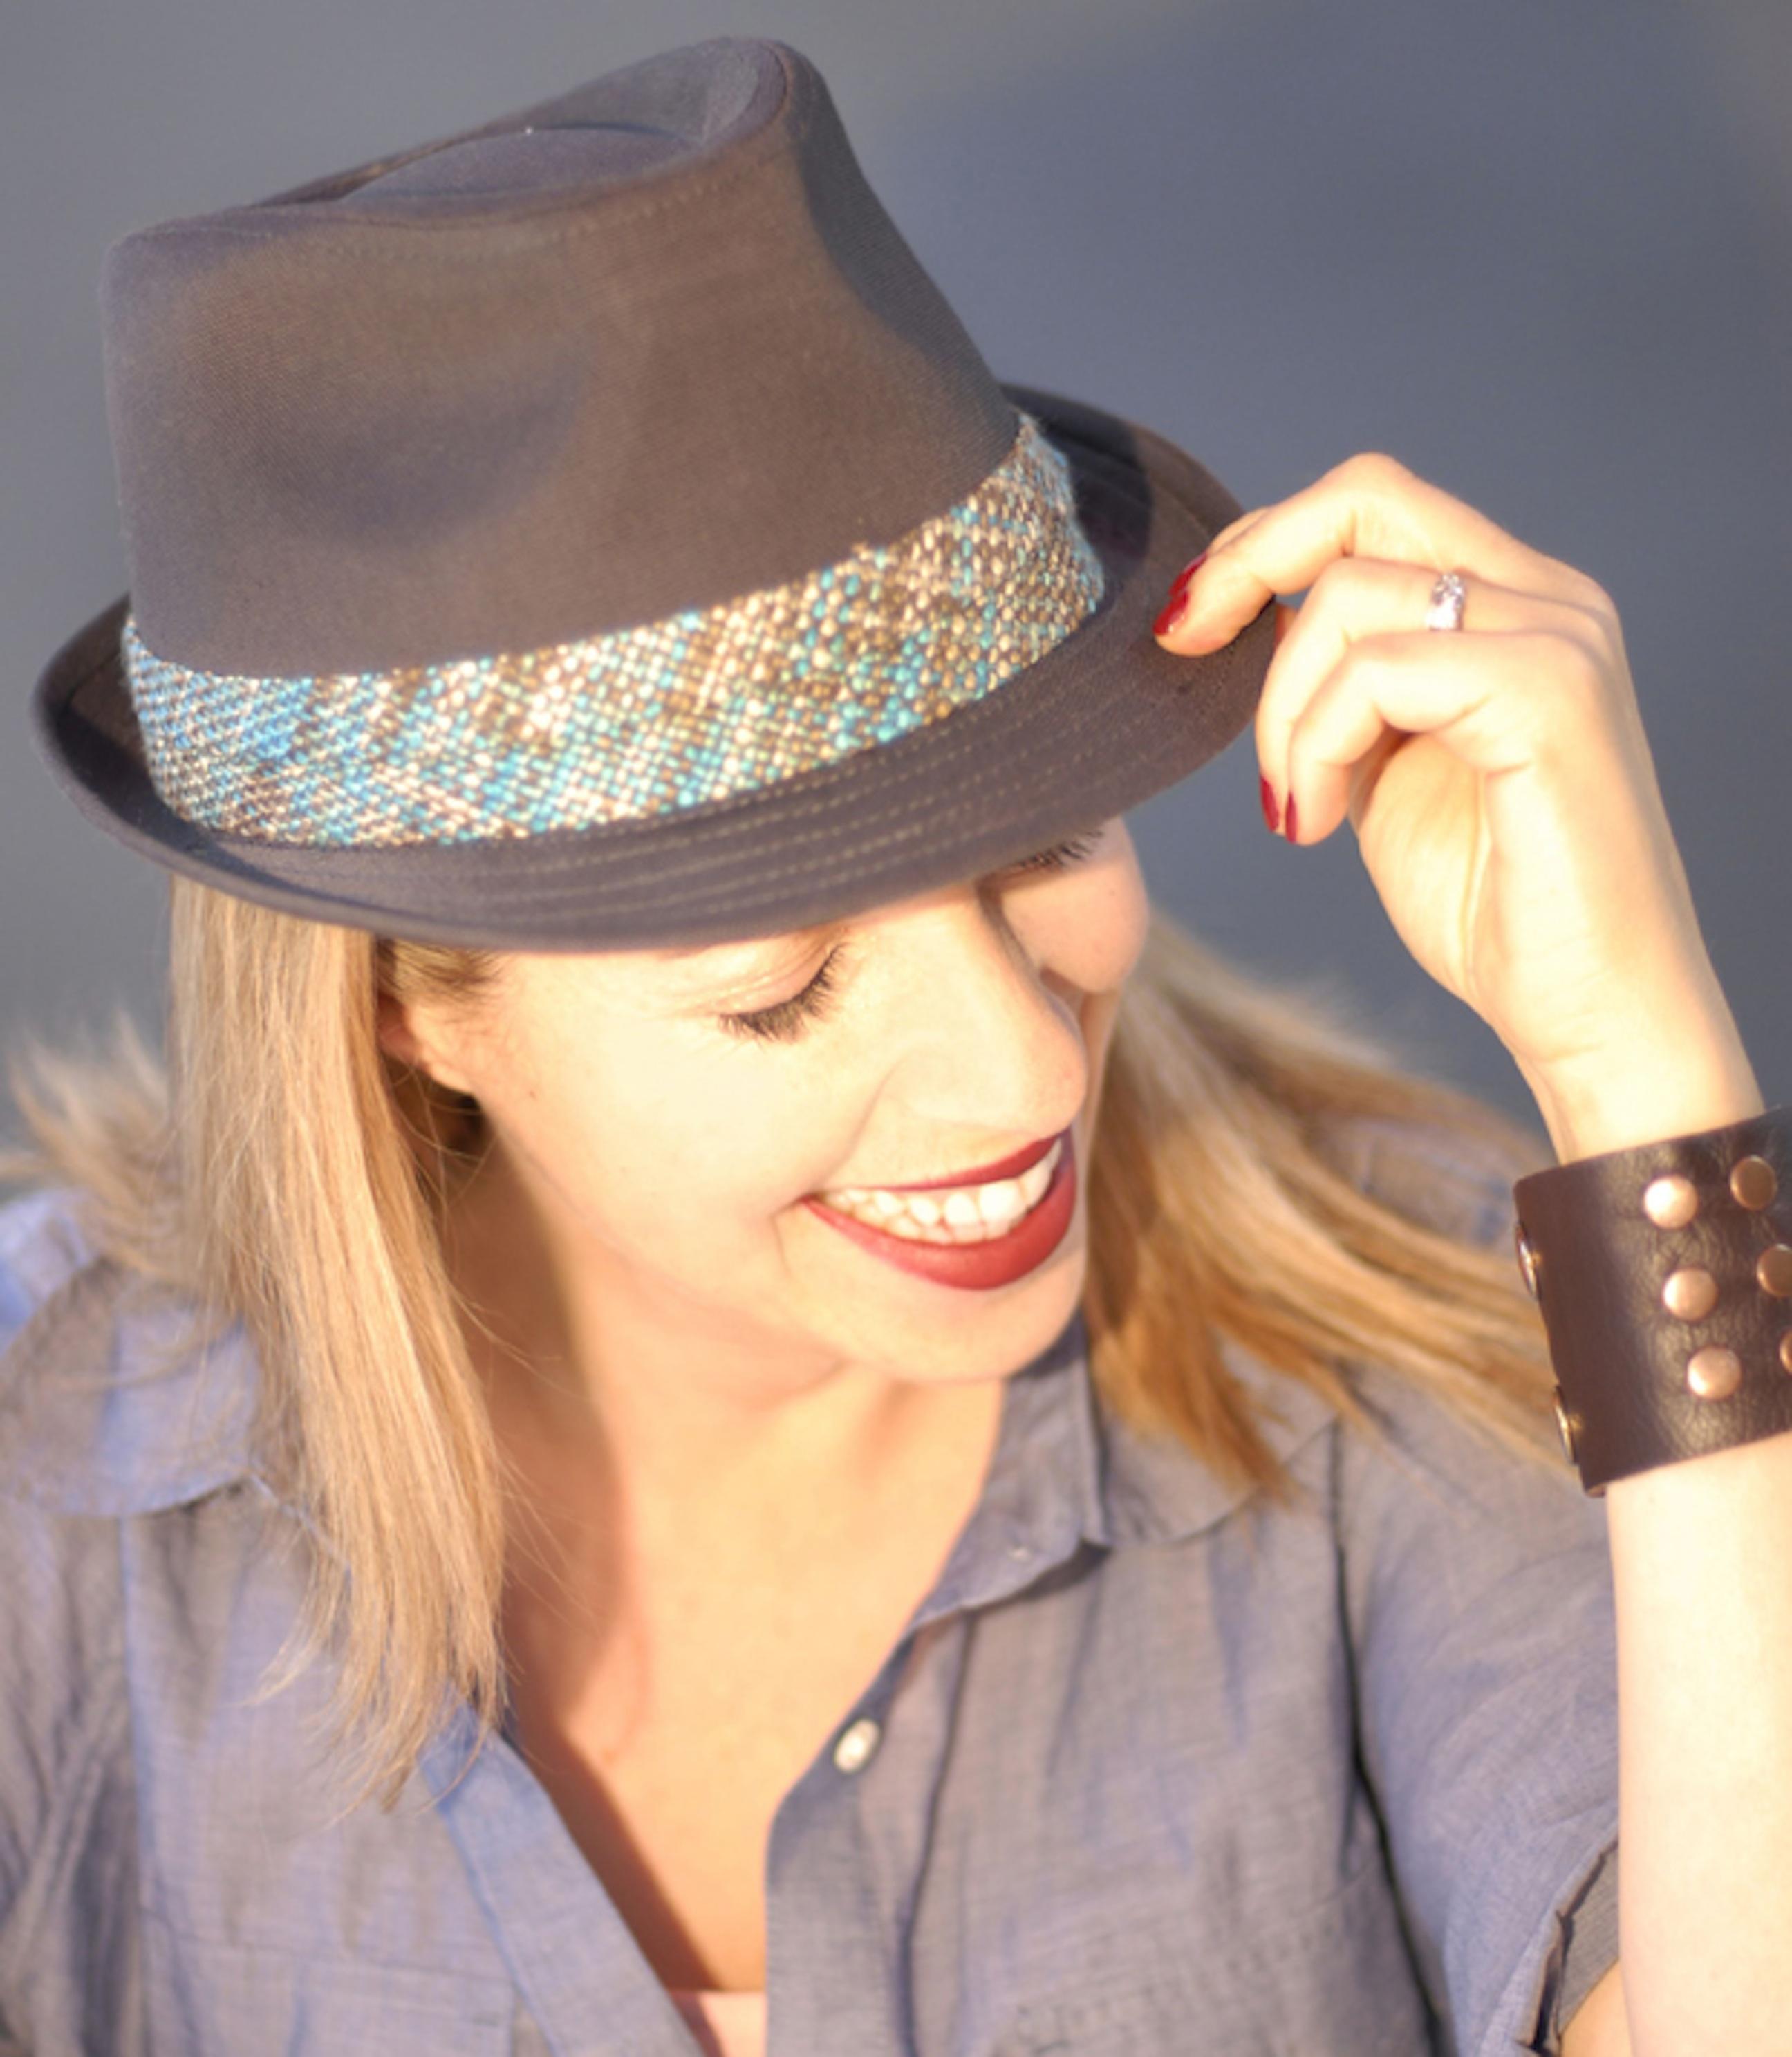 2011-09-27-TiffanyShlainpic.jpg